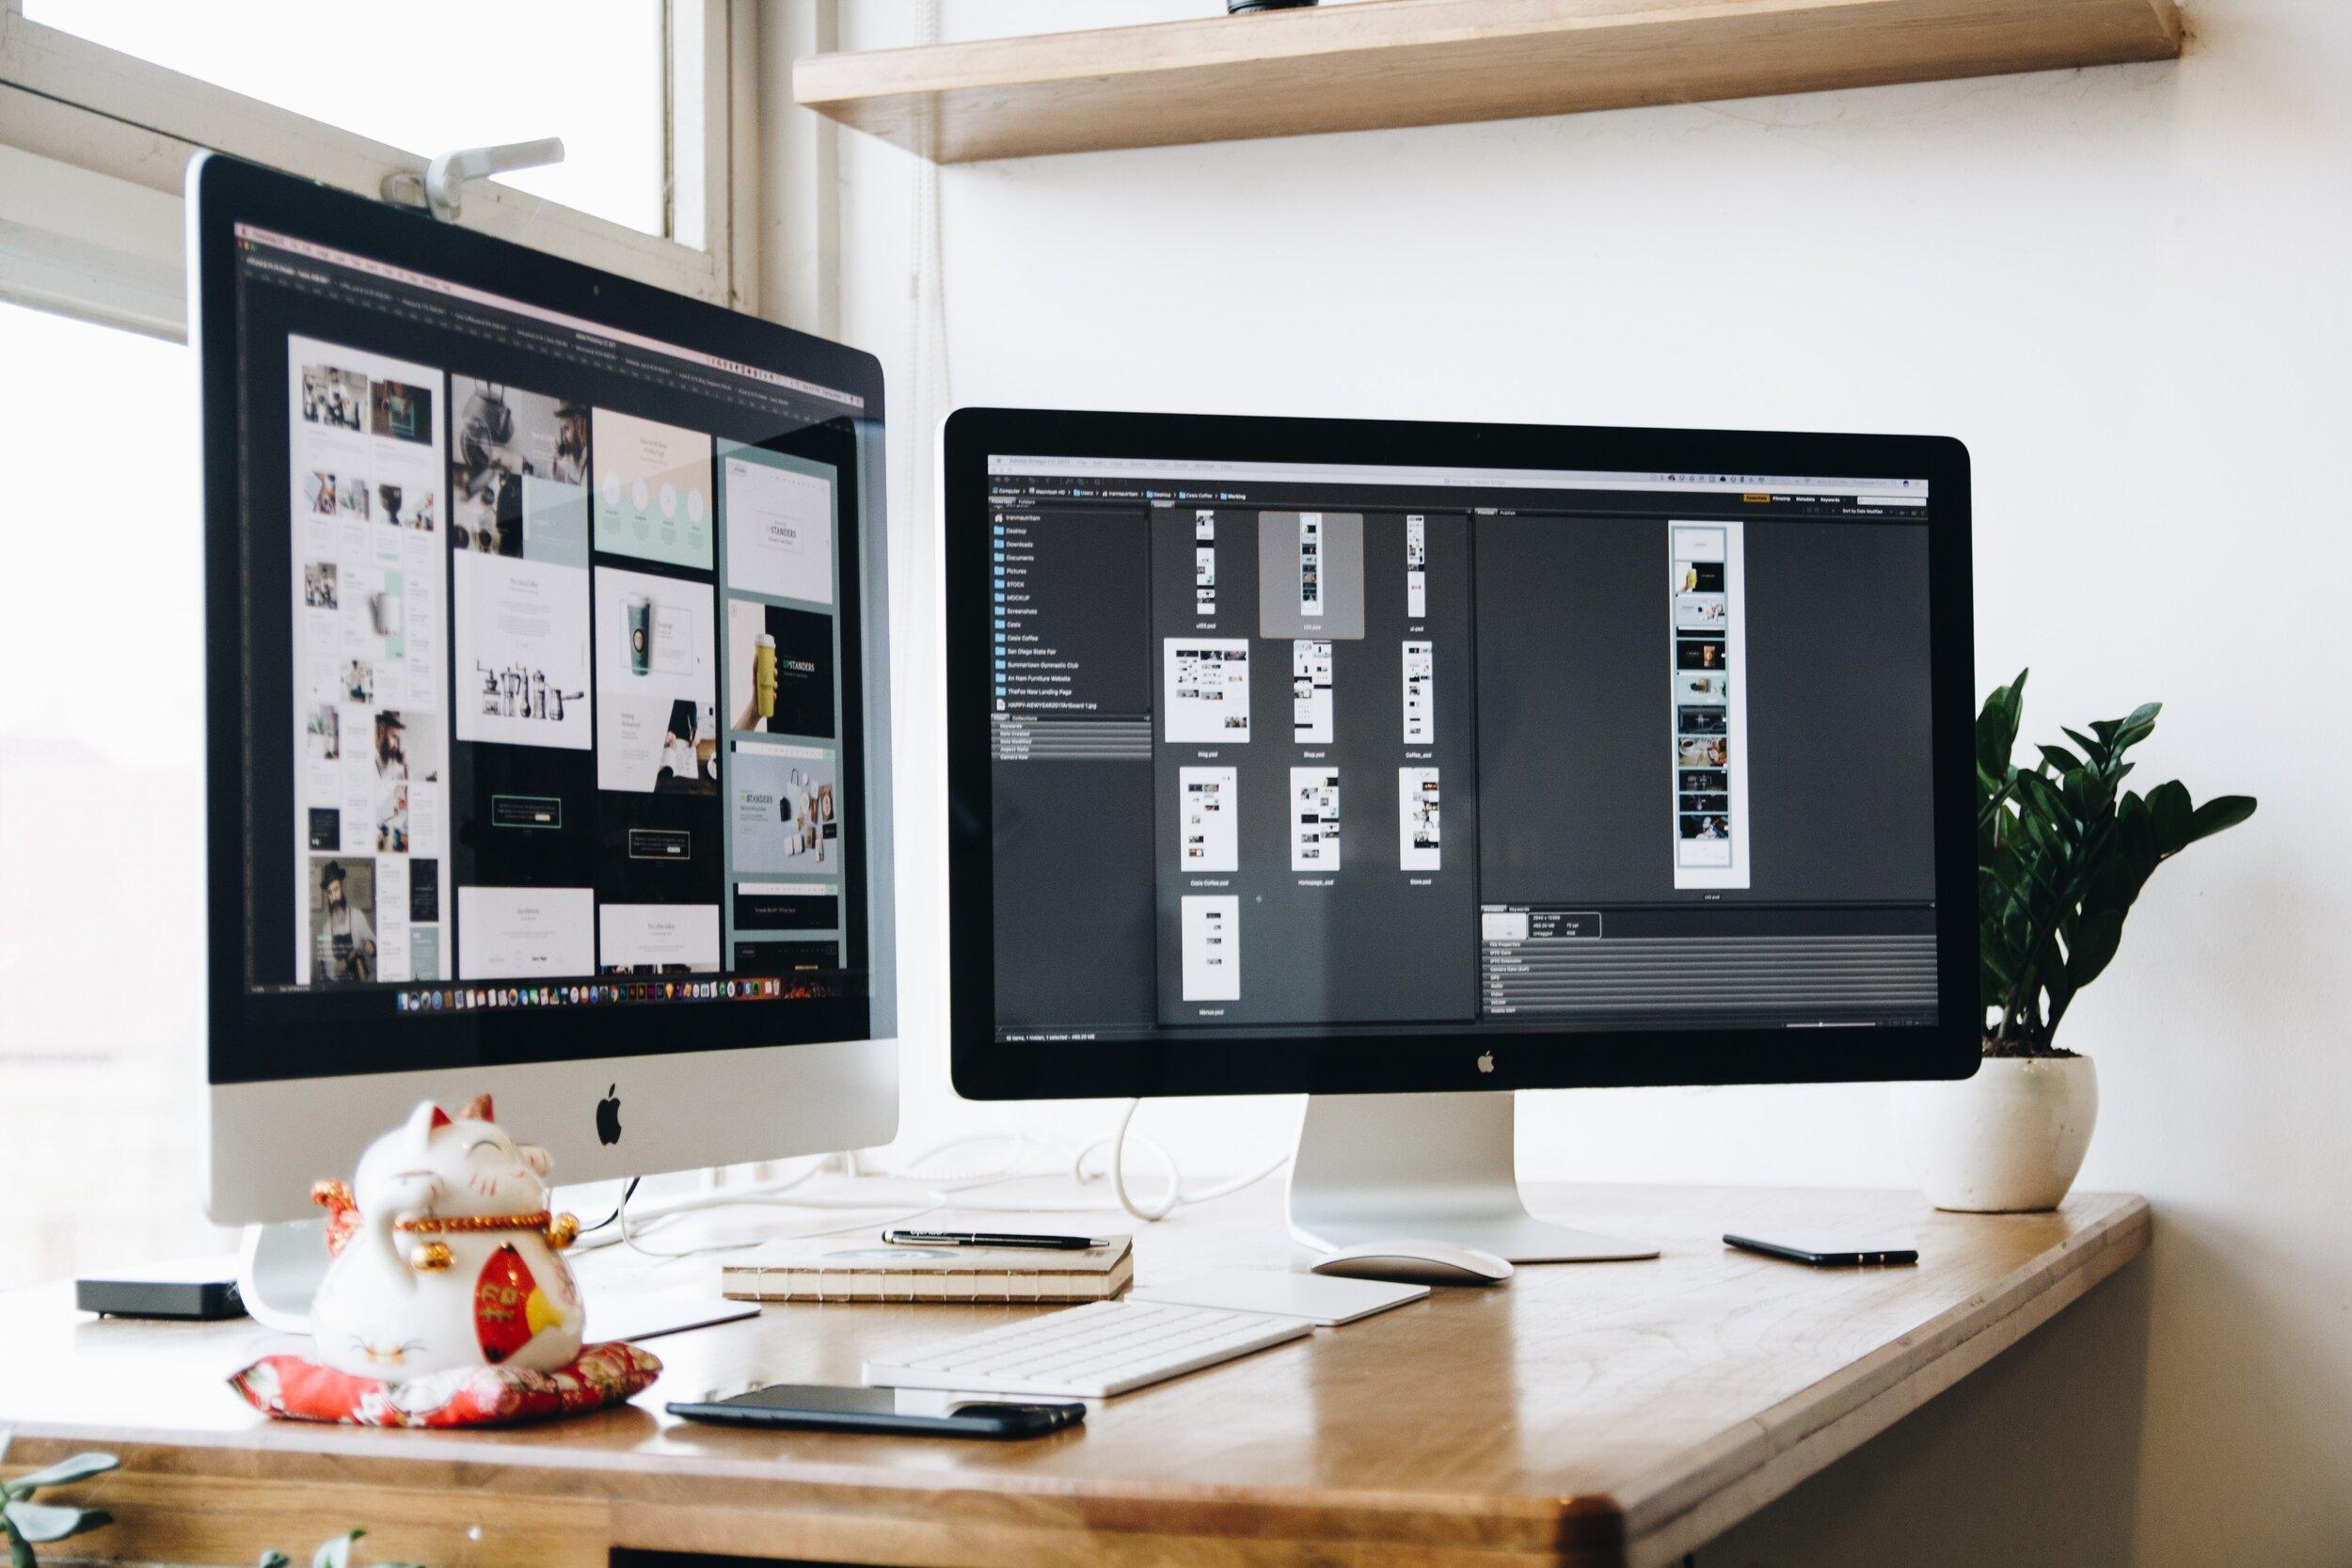 apple-design-desk-326501.jpg